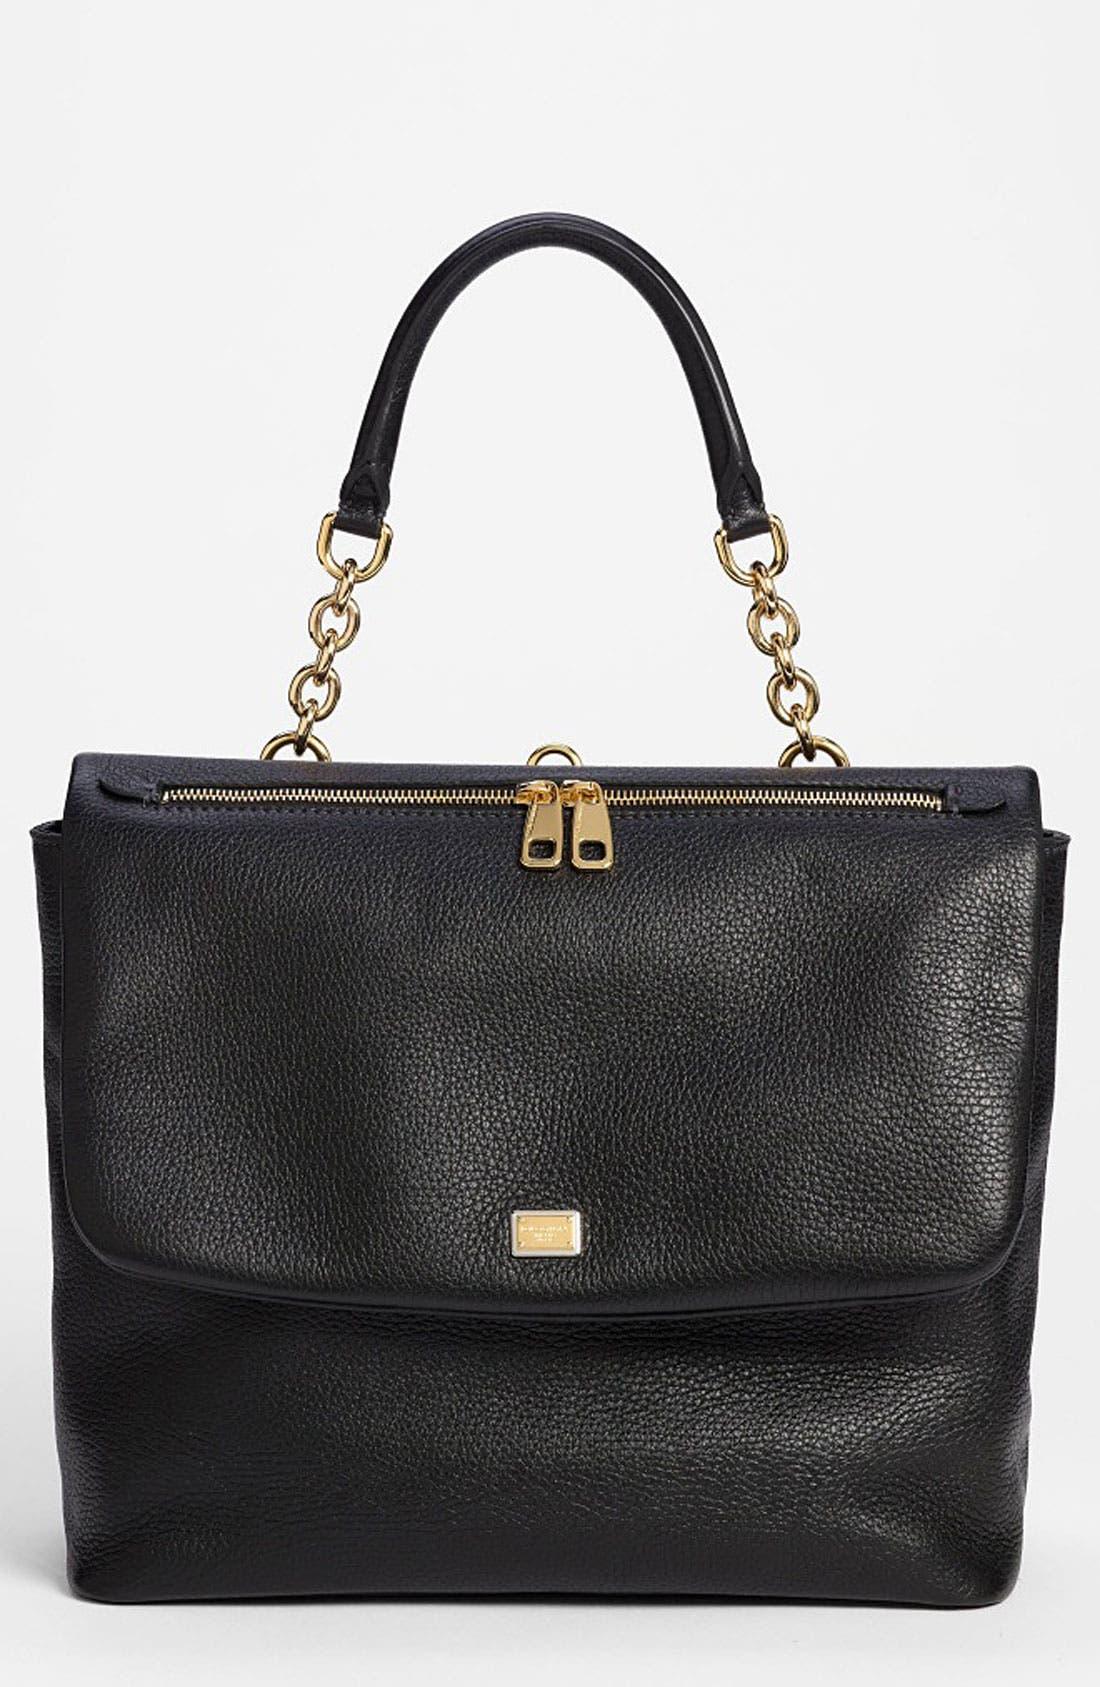 Main Image - Dolce&Gabbana 'Miss Emma' Leather Shoulder Bag